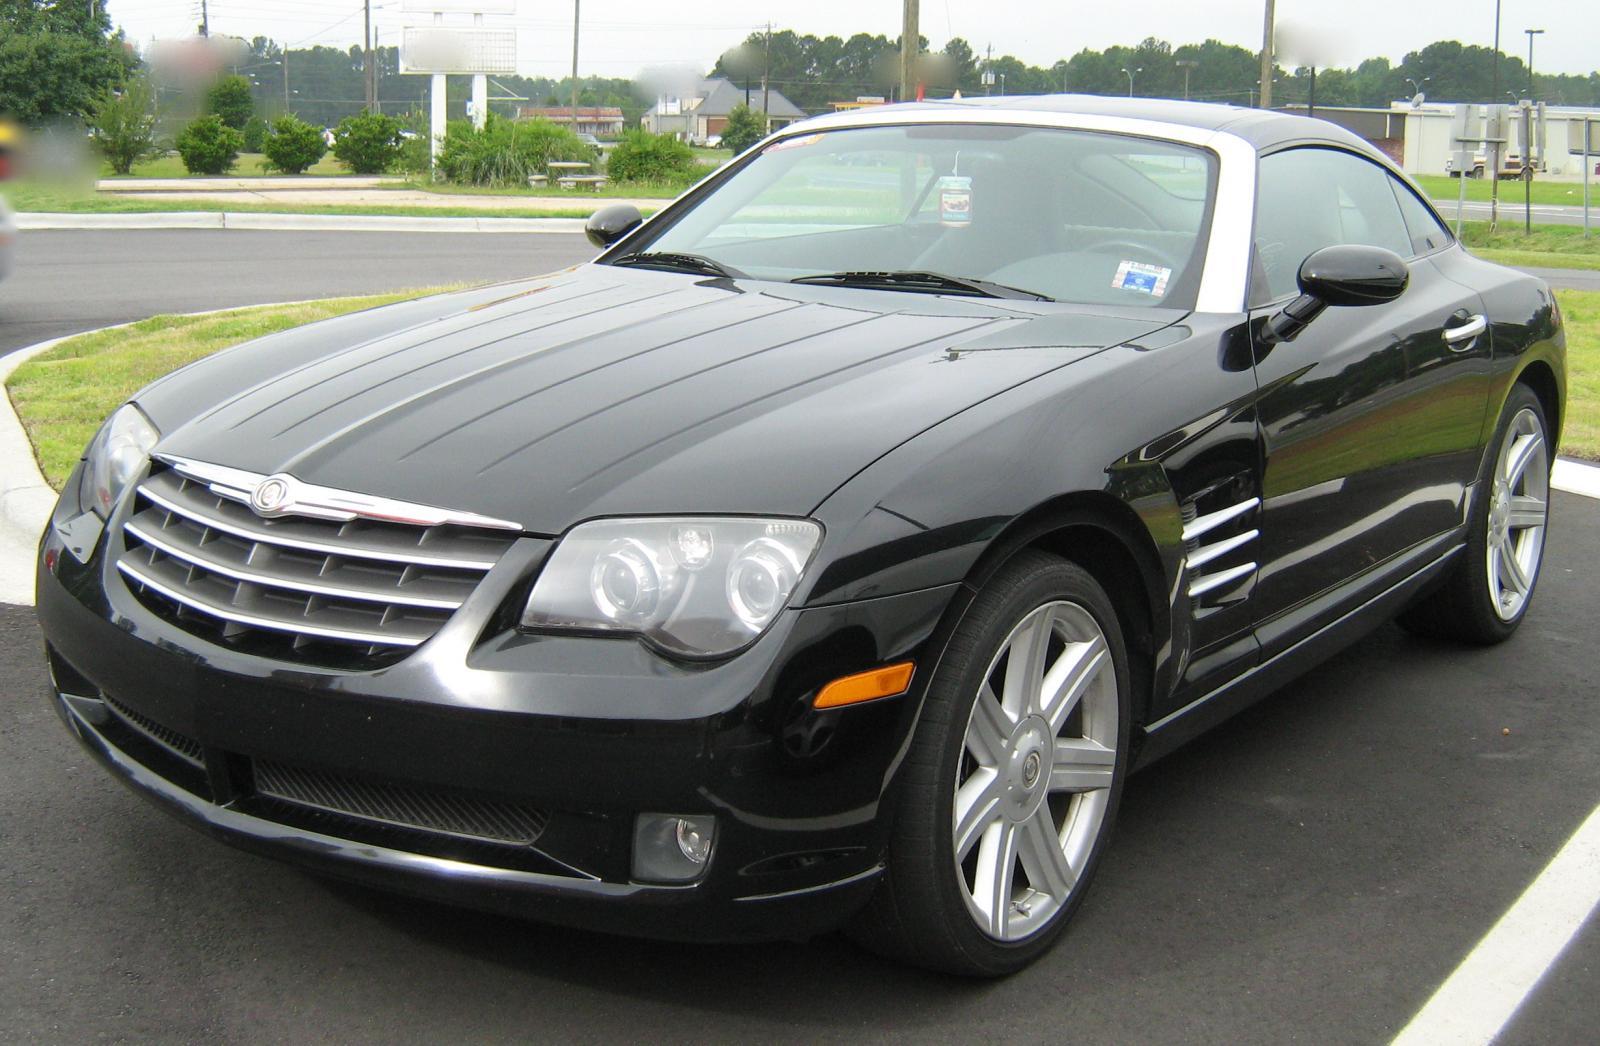 800 1024 1280 1600 Origin Chrysler #4